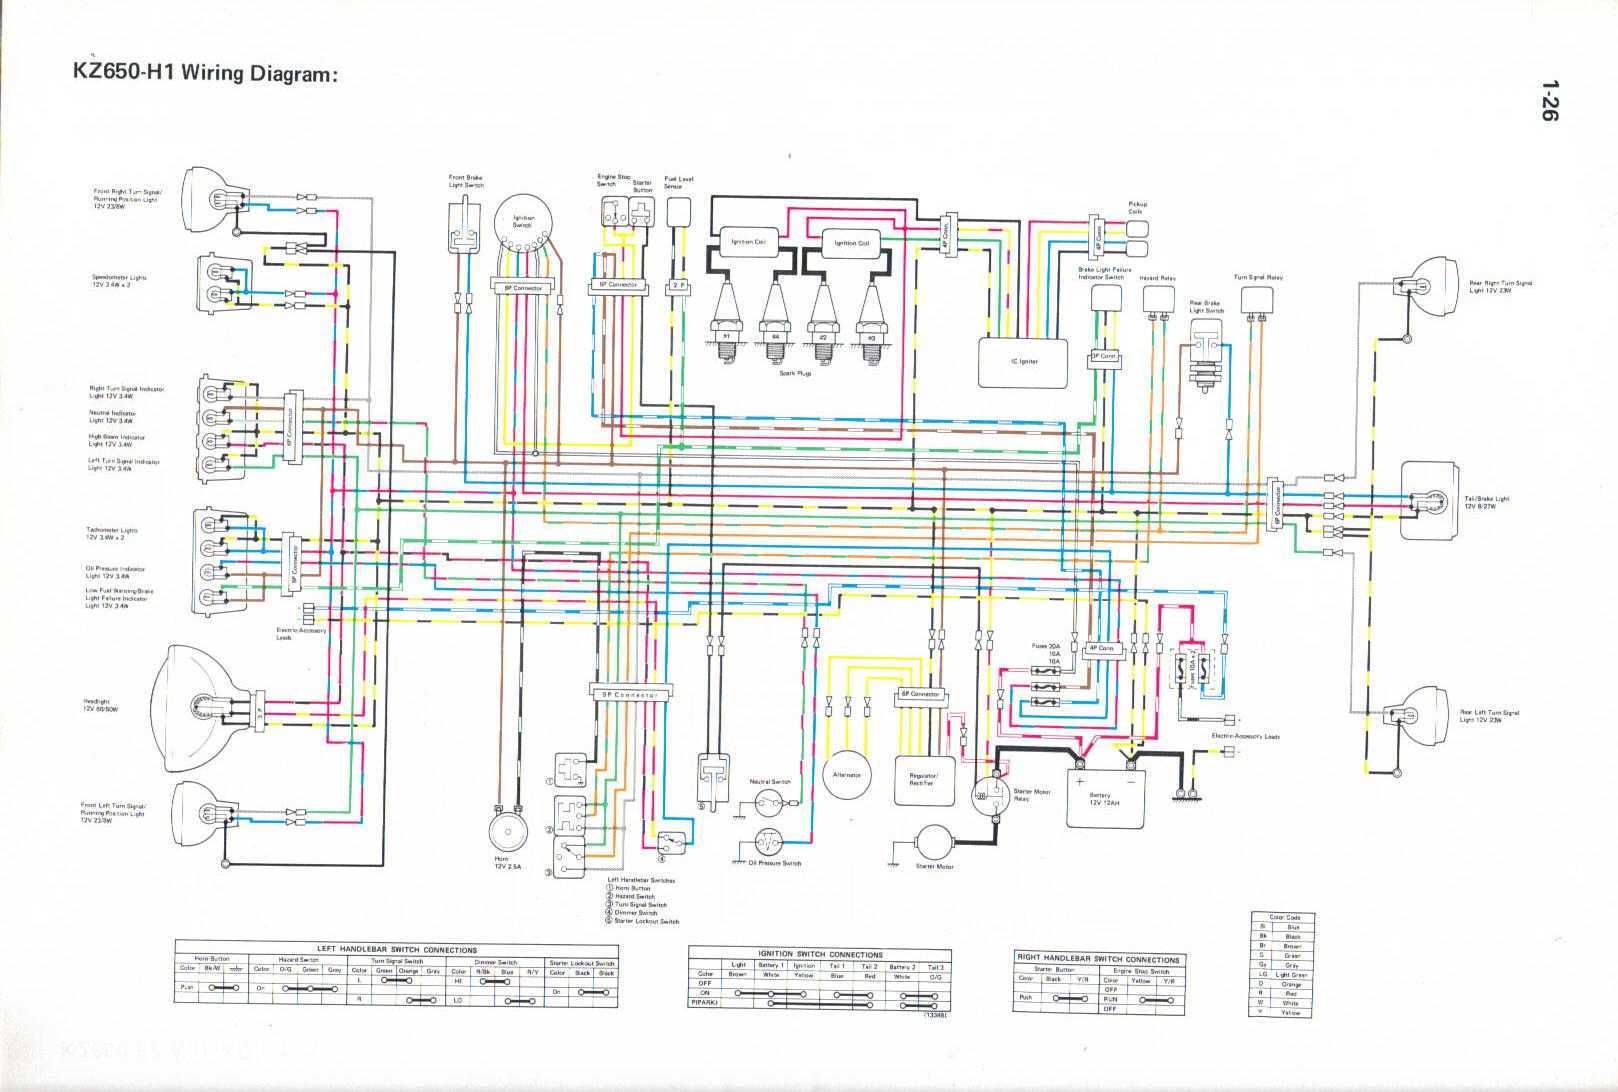 John Deere Eztrak Z425 Wiring Diagram